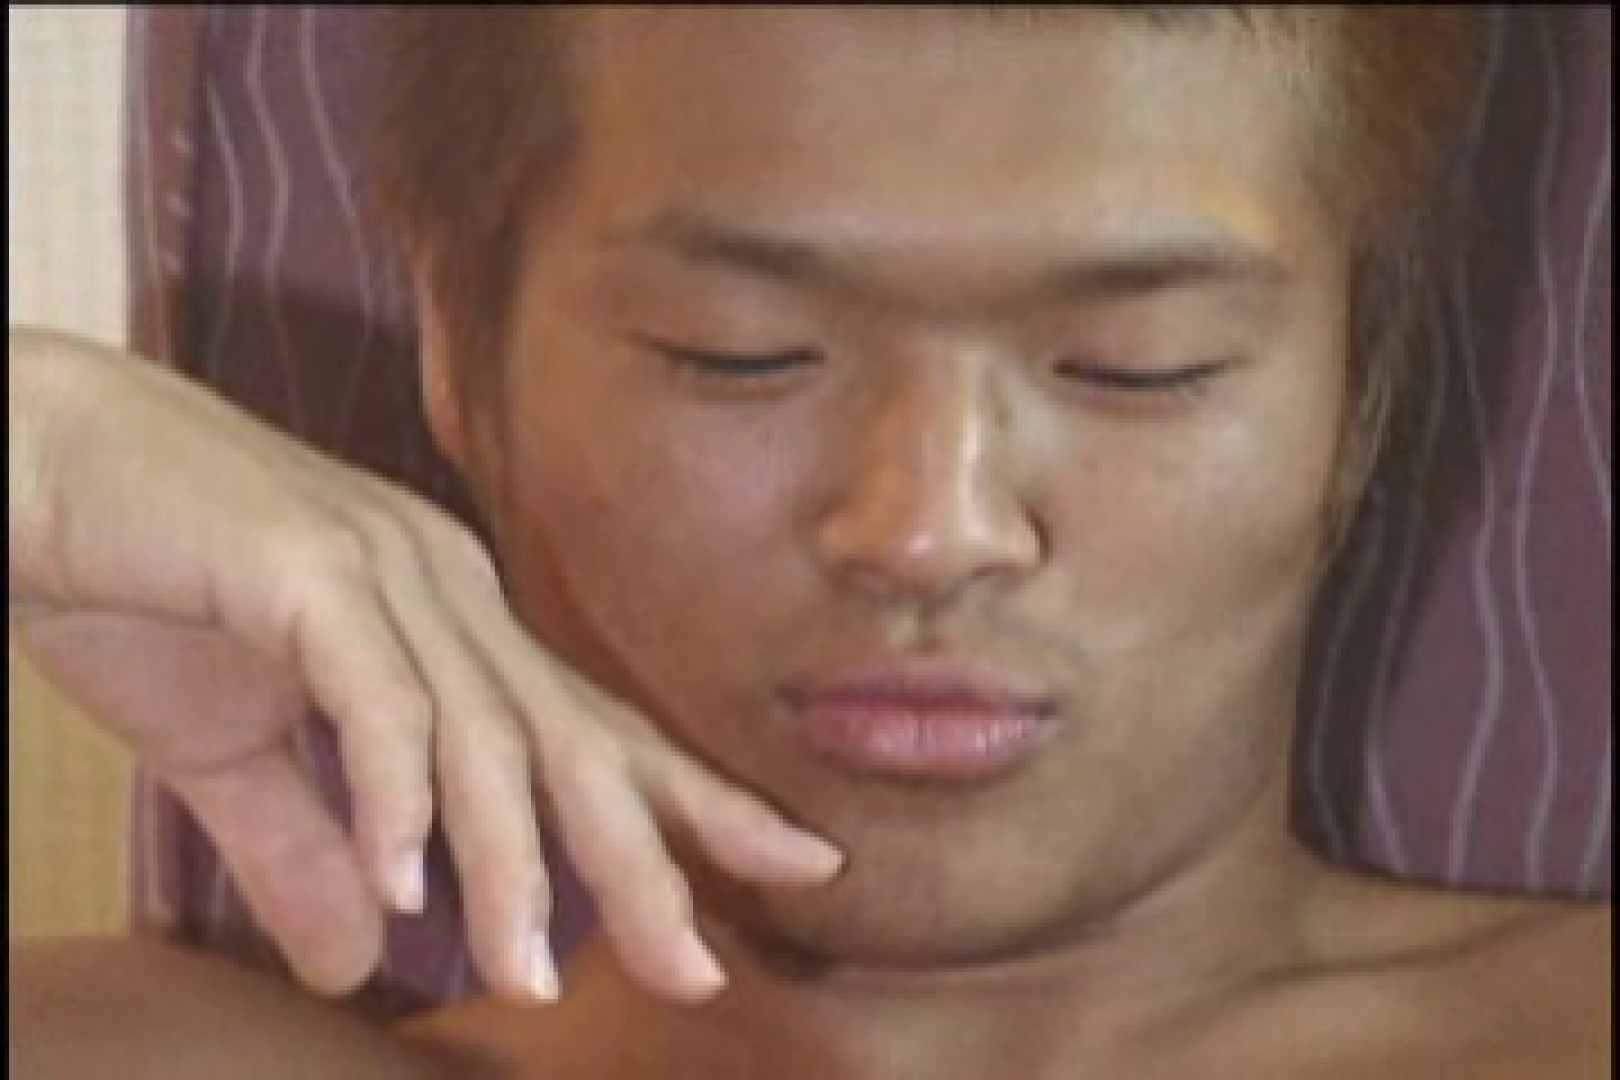 光り輝く男たちのロマンシングメモリー!!vol.09 オナニー ゲイアダルトビデオ画像 79pic 12